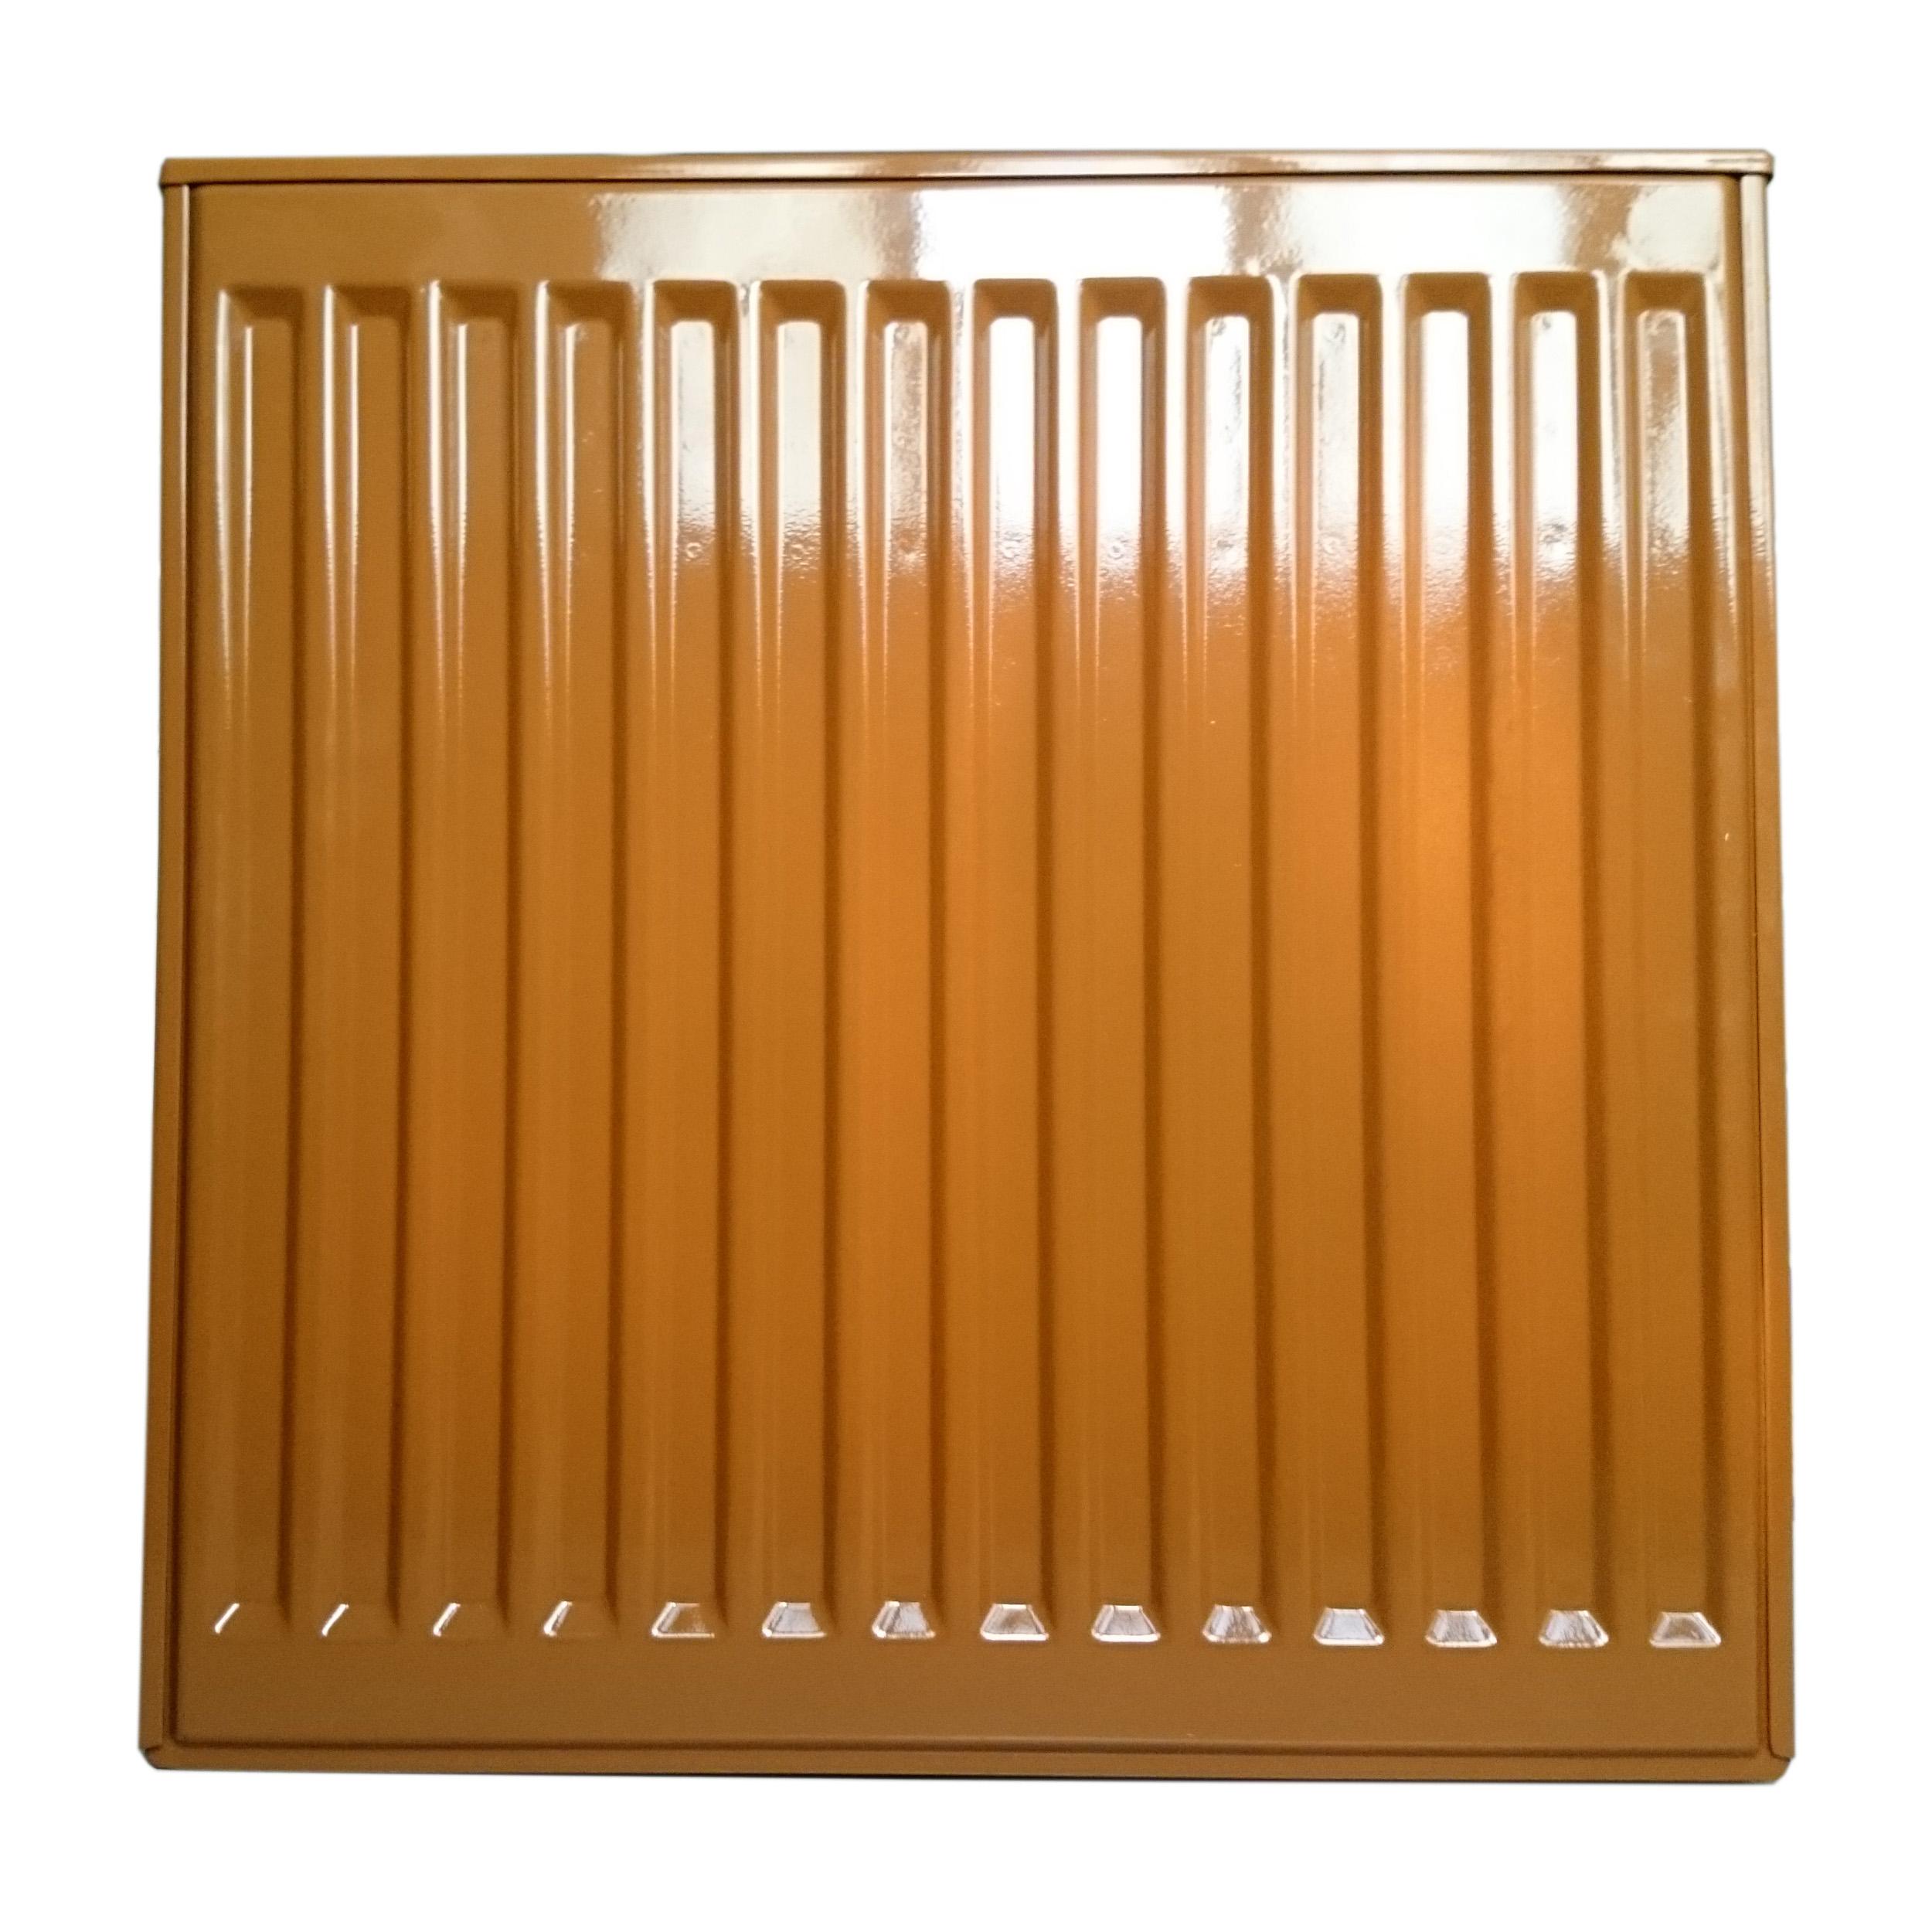 Стальной панельный радиатор в монохромный цвет